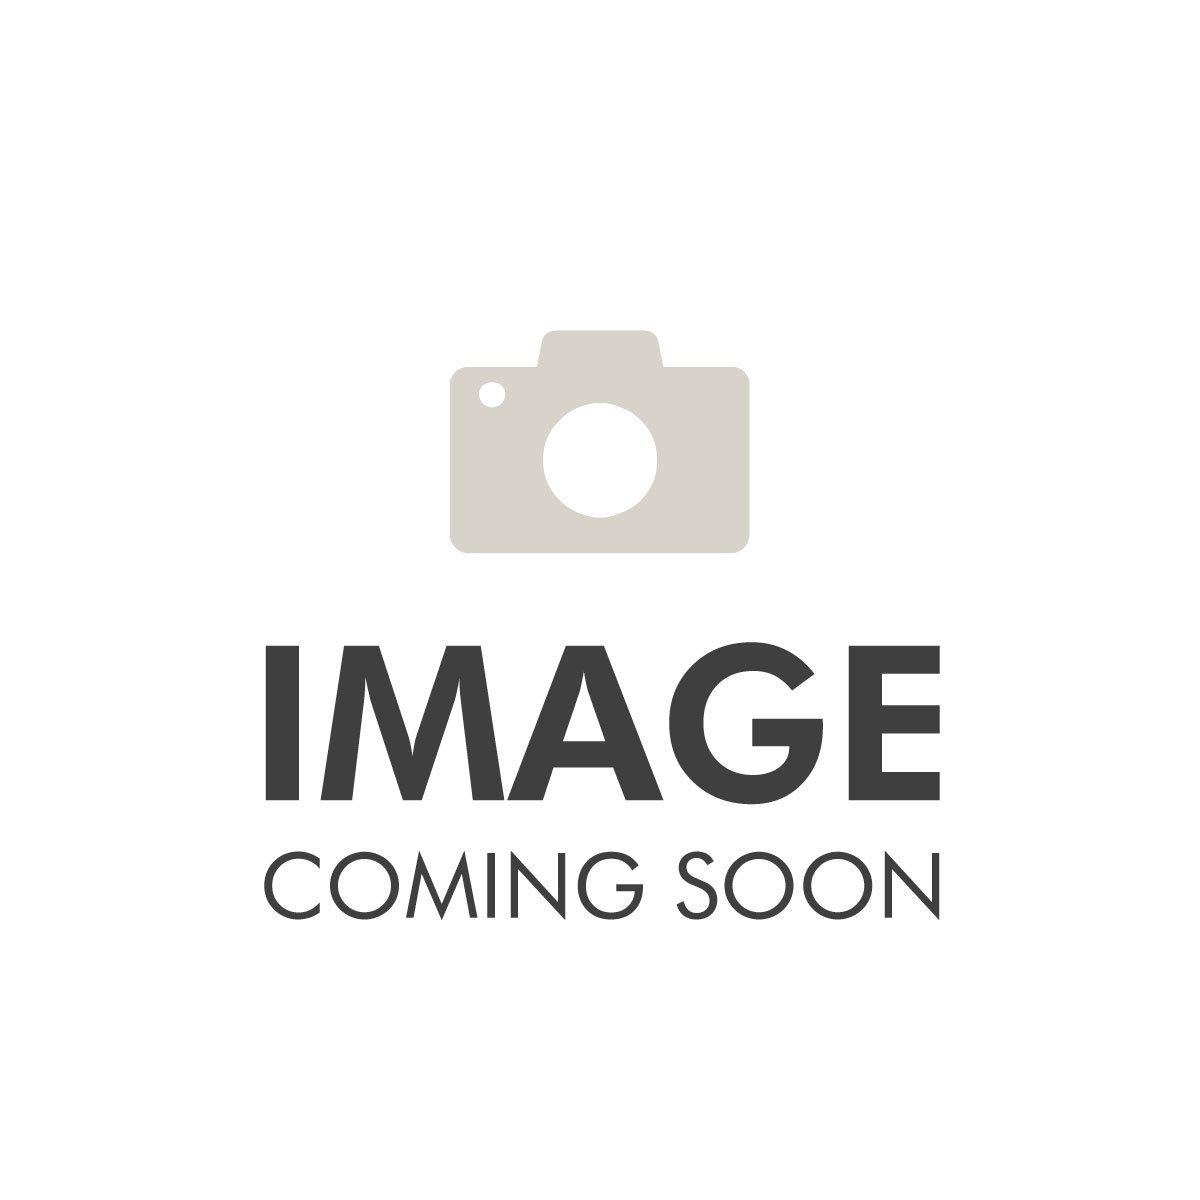 BG - Coussin de fleuret/sabre électrique - Feutre